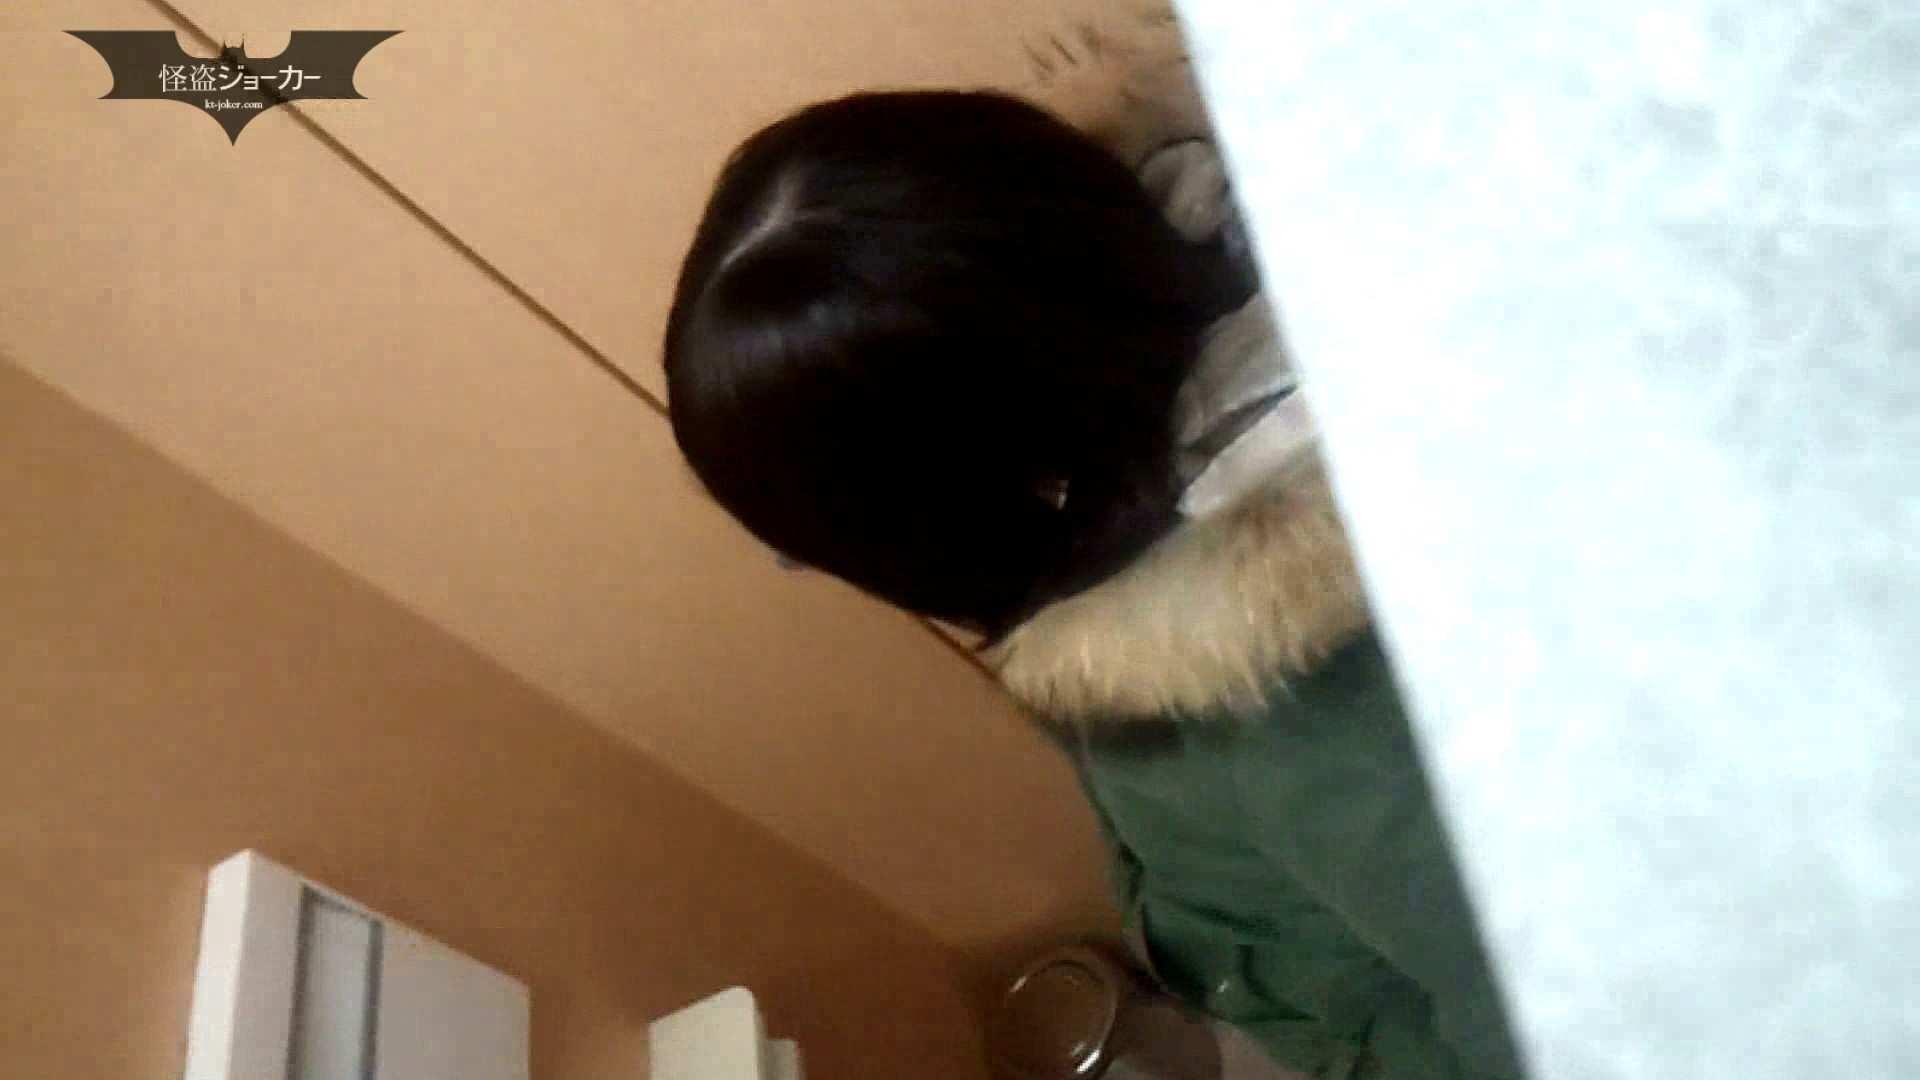 化粧室絵巻 番外編 VOL.18 盛合せ すけべAV動画紹介 93画像 12